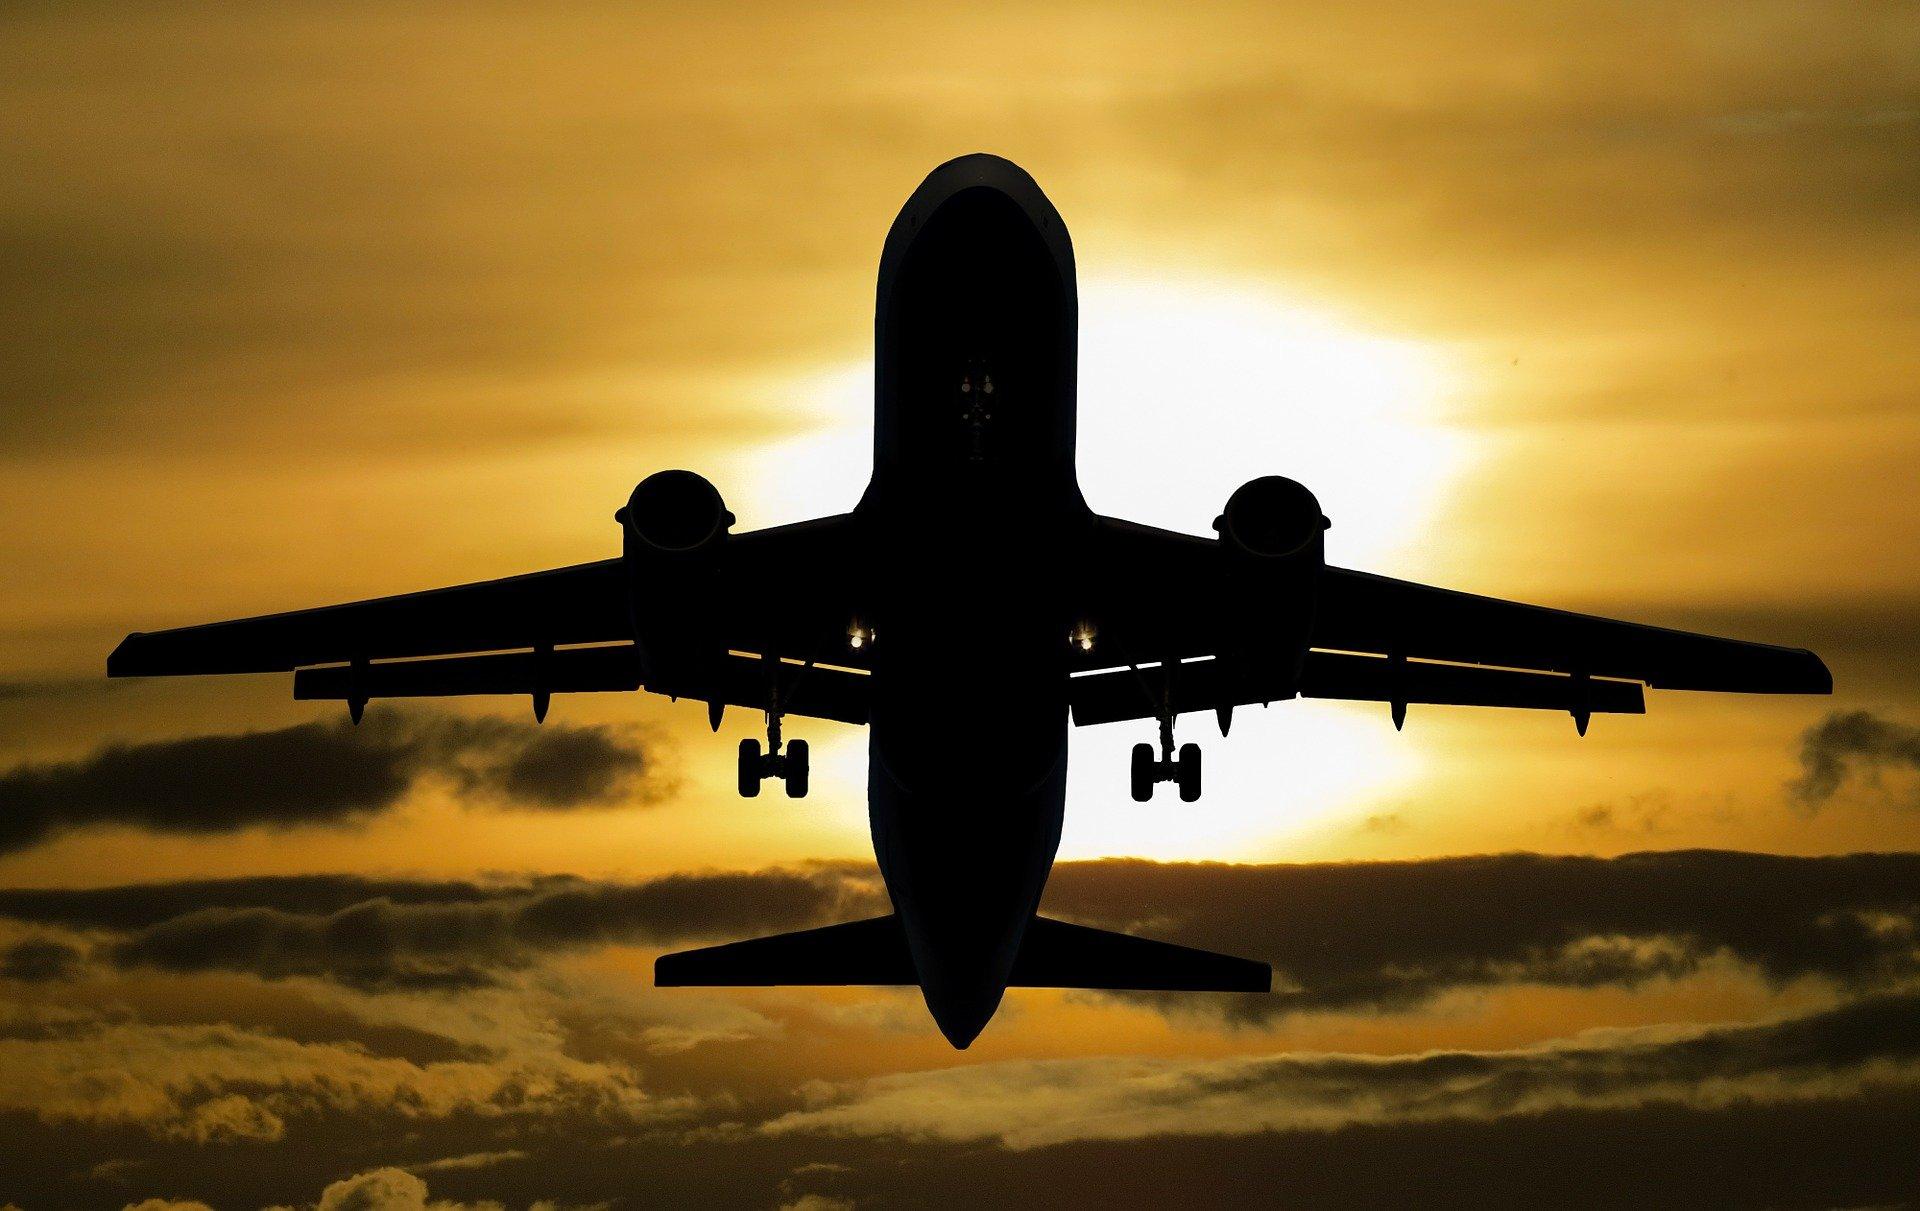 Trasporto aereo, nuovi biocarburanti per azzerare le emissioni